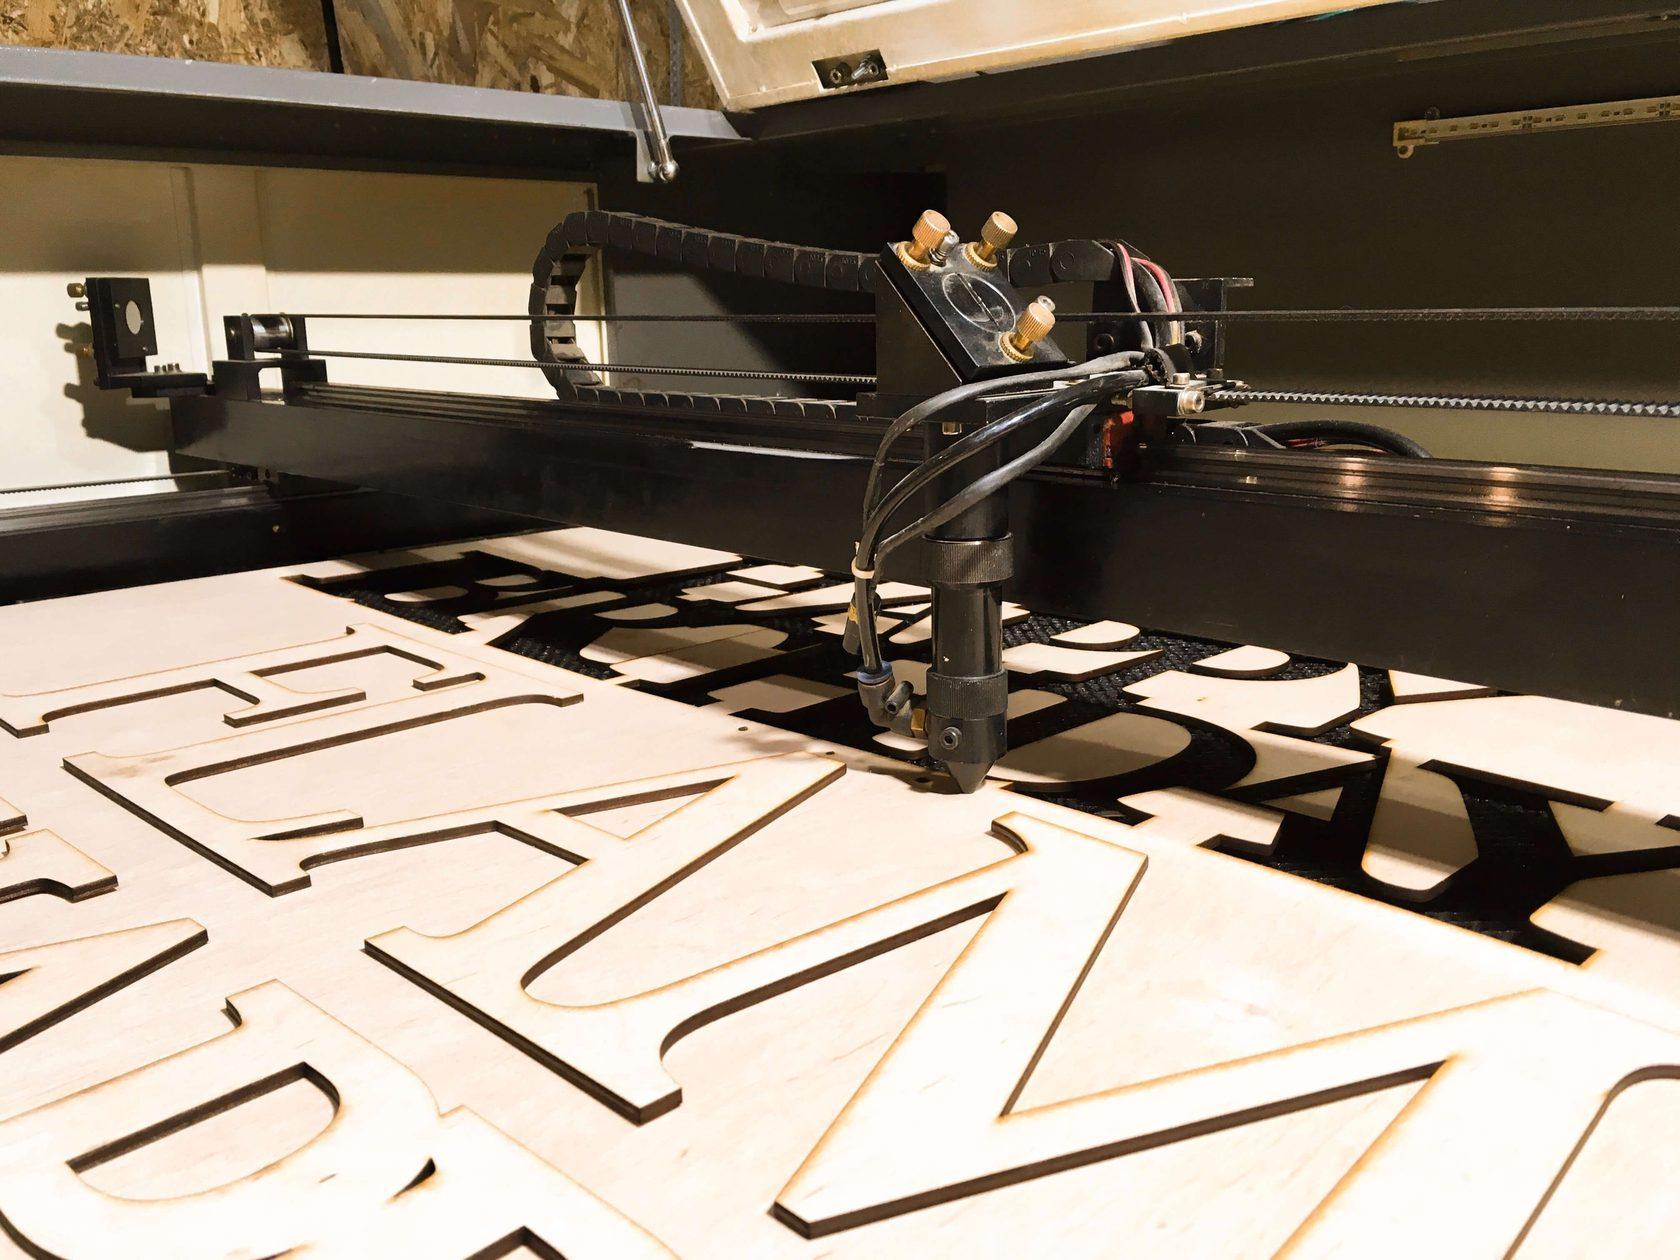 IMG 5161 - Области применения СО2 лазерных режущих станков